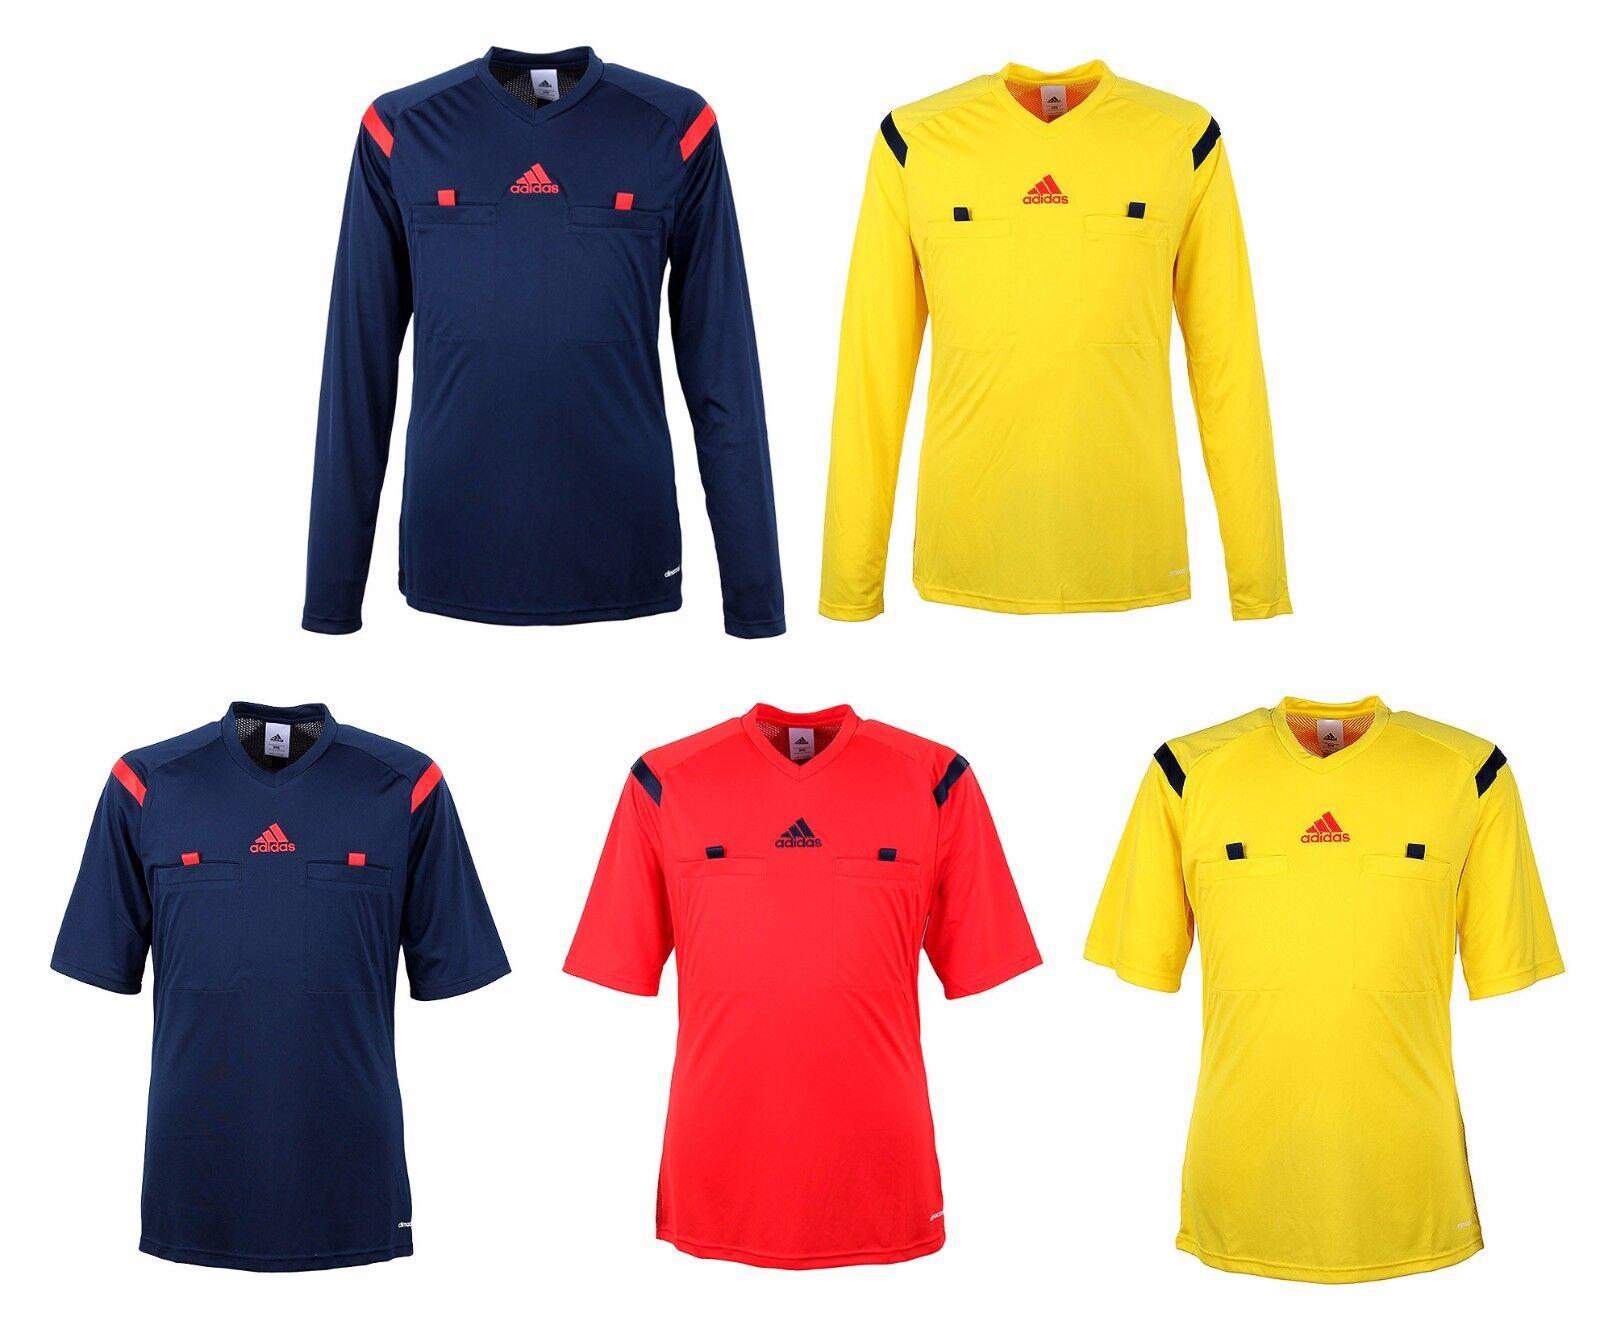 Adidas Referee 14 Jersey G77215 Soccer Football SS LS Shirt Top Uniform